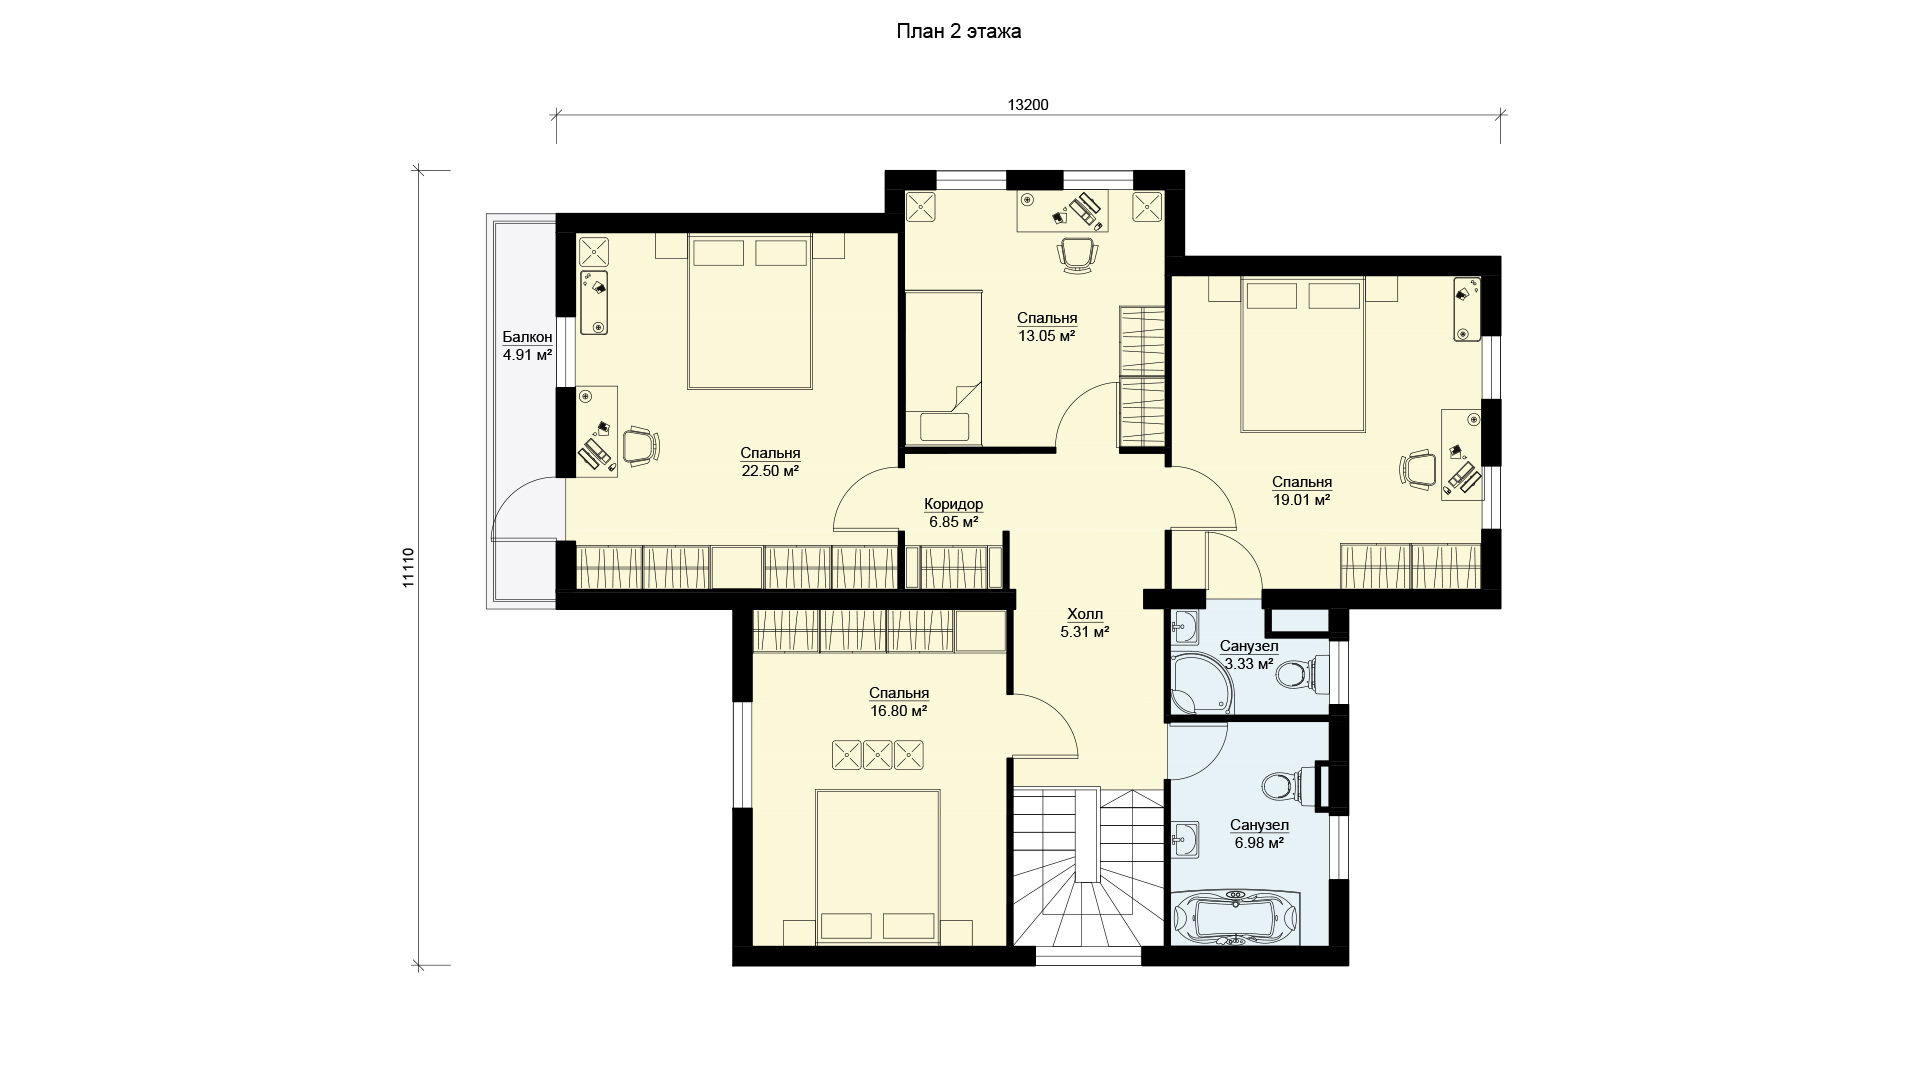 План второго этажа двухэтажного коттеджа БЭНПАН, проект МС-253.